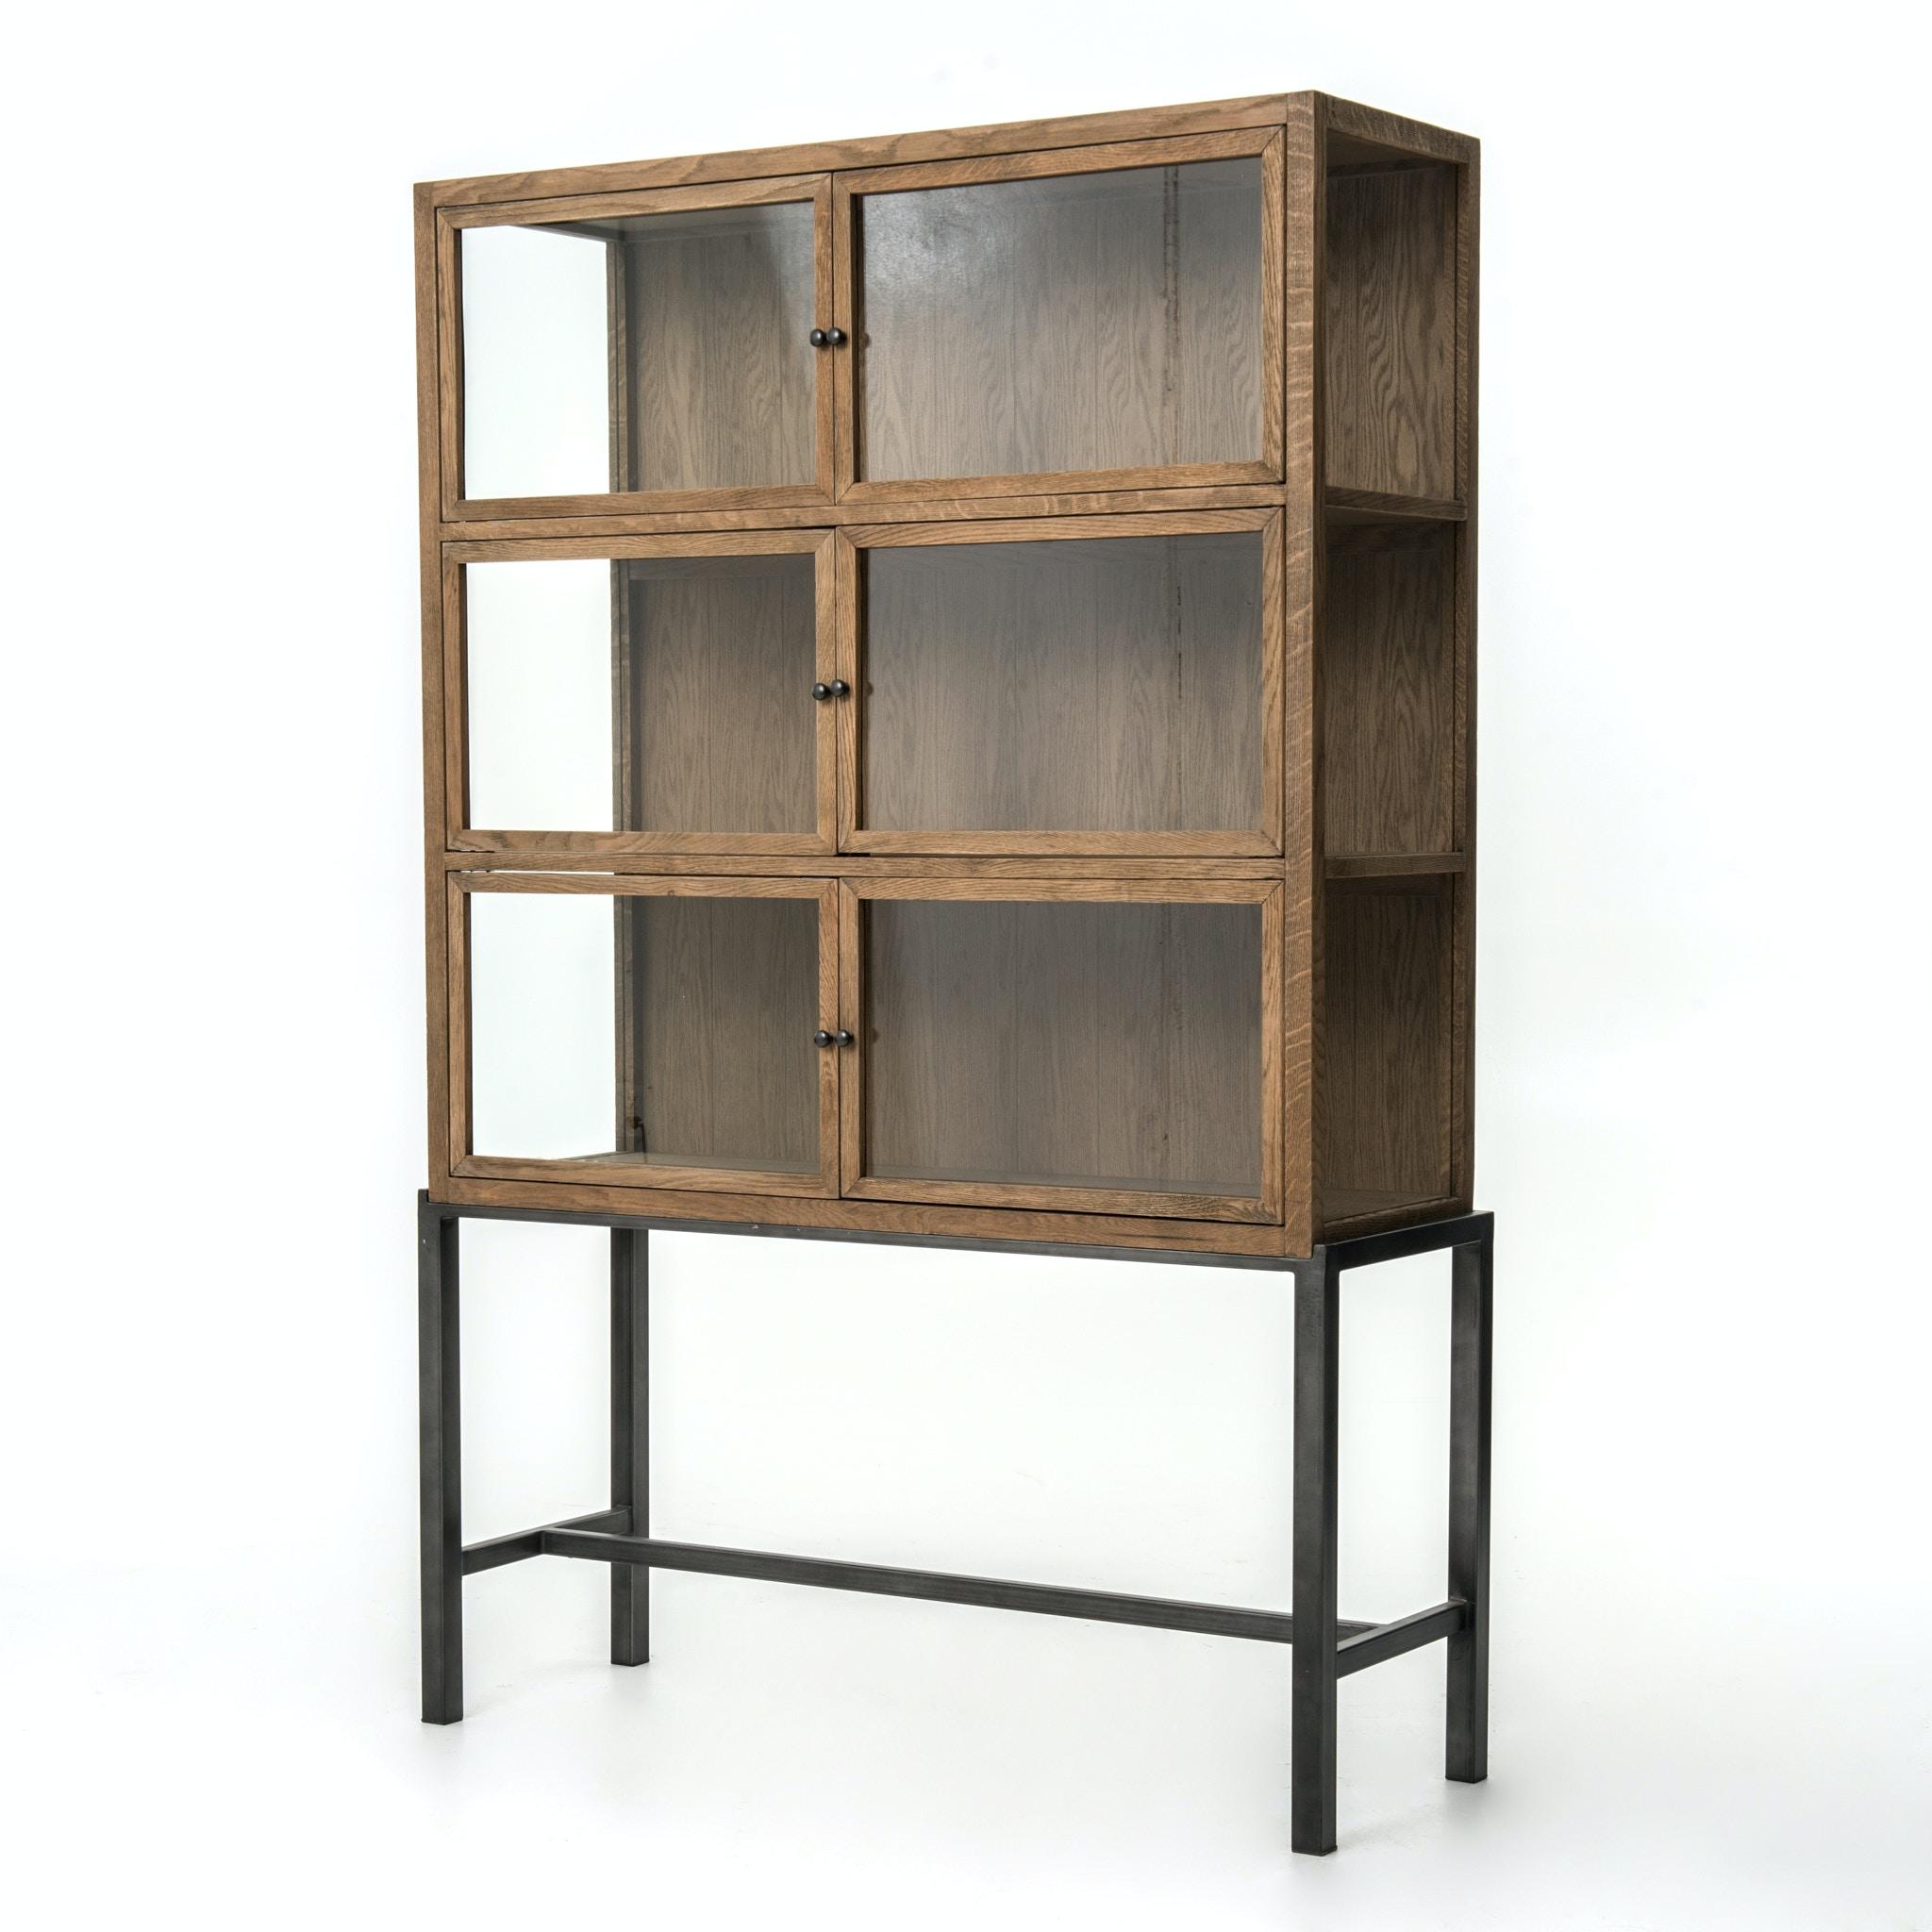 Four Hands Furniture Spencer Curio Cabinet Drifted Oak CIRD C5E1 C5